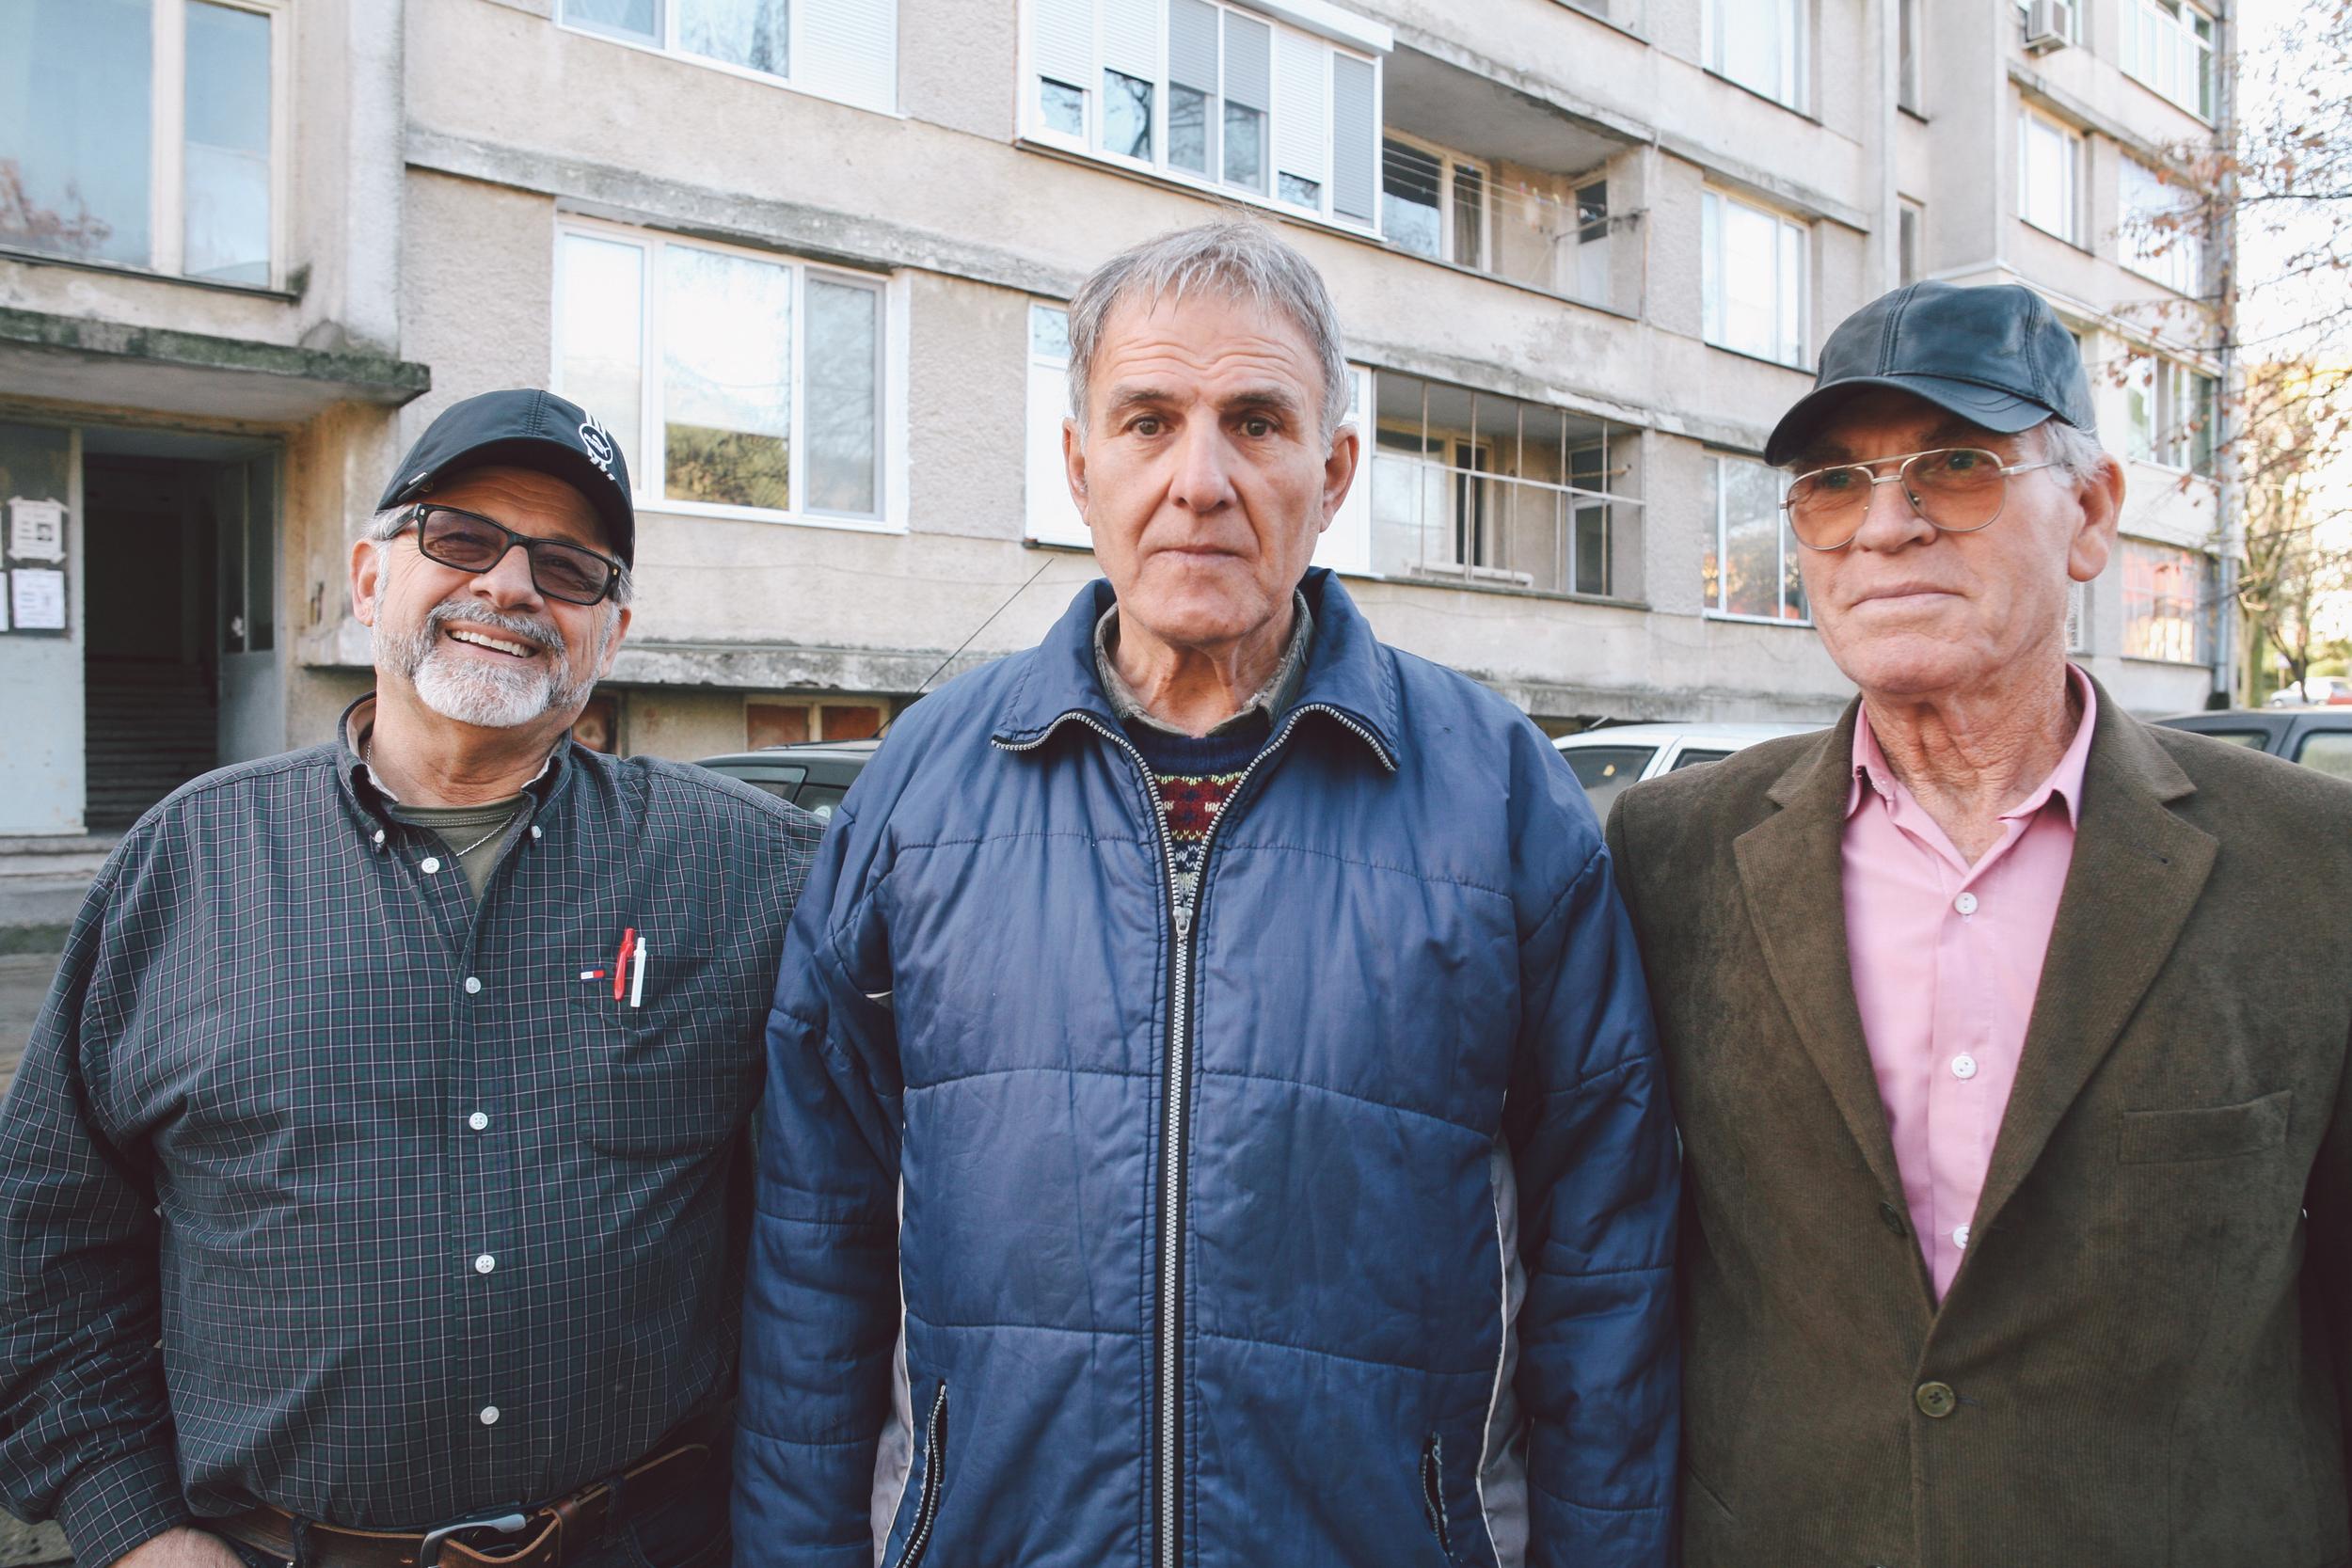 From Left to Right: My father (Antonis Kazaklis), Nikos Apostolov (O daskalos), and my uncle (Athanasios Lambidis)